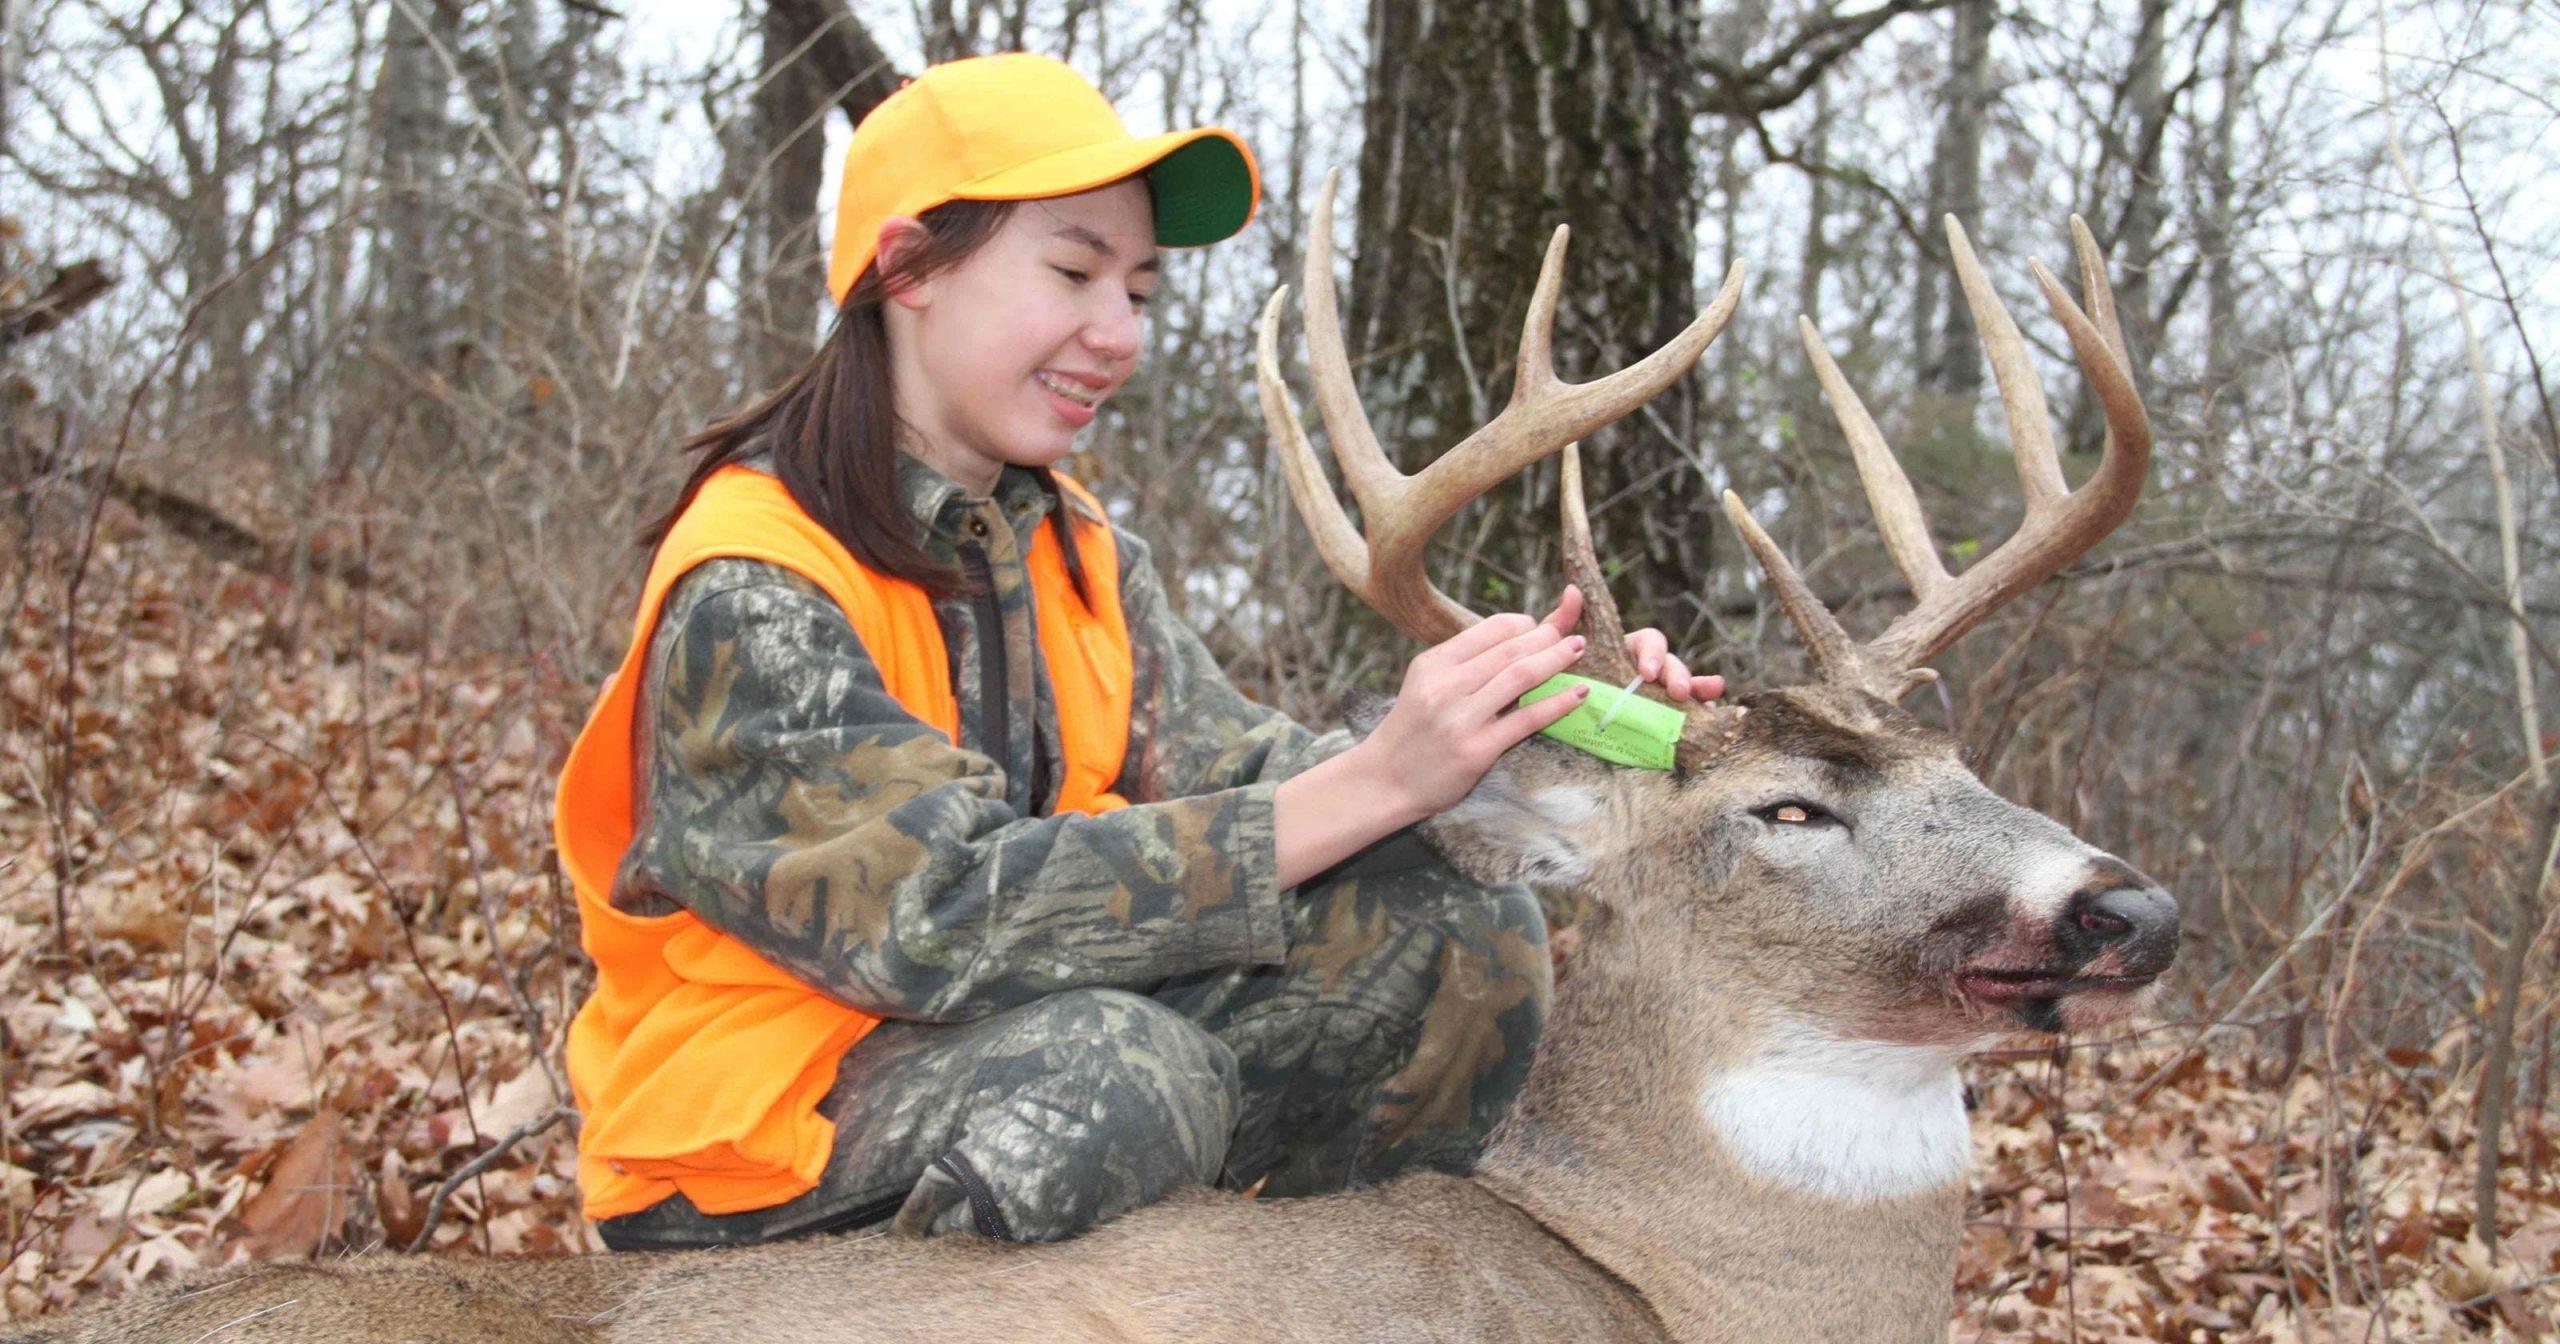 When Is The 2021 Deer Rut In Wi   Calendar Template Printable-Deer & Deer Hunting 2021 Rut Prediction